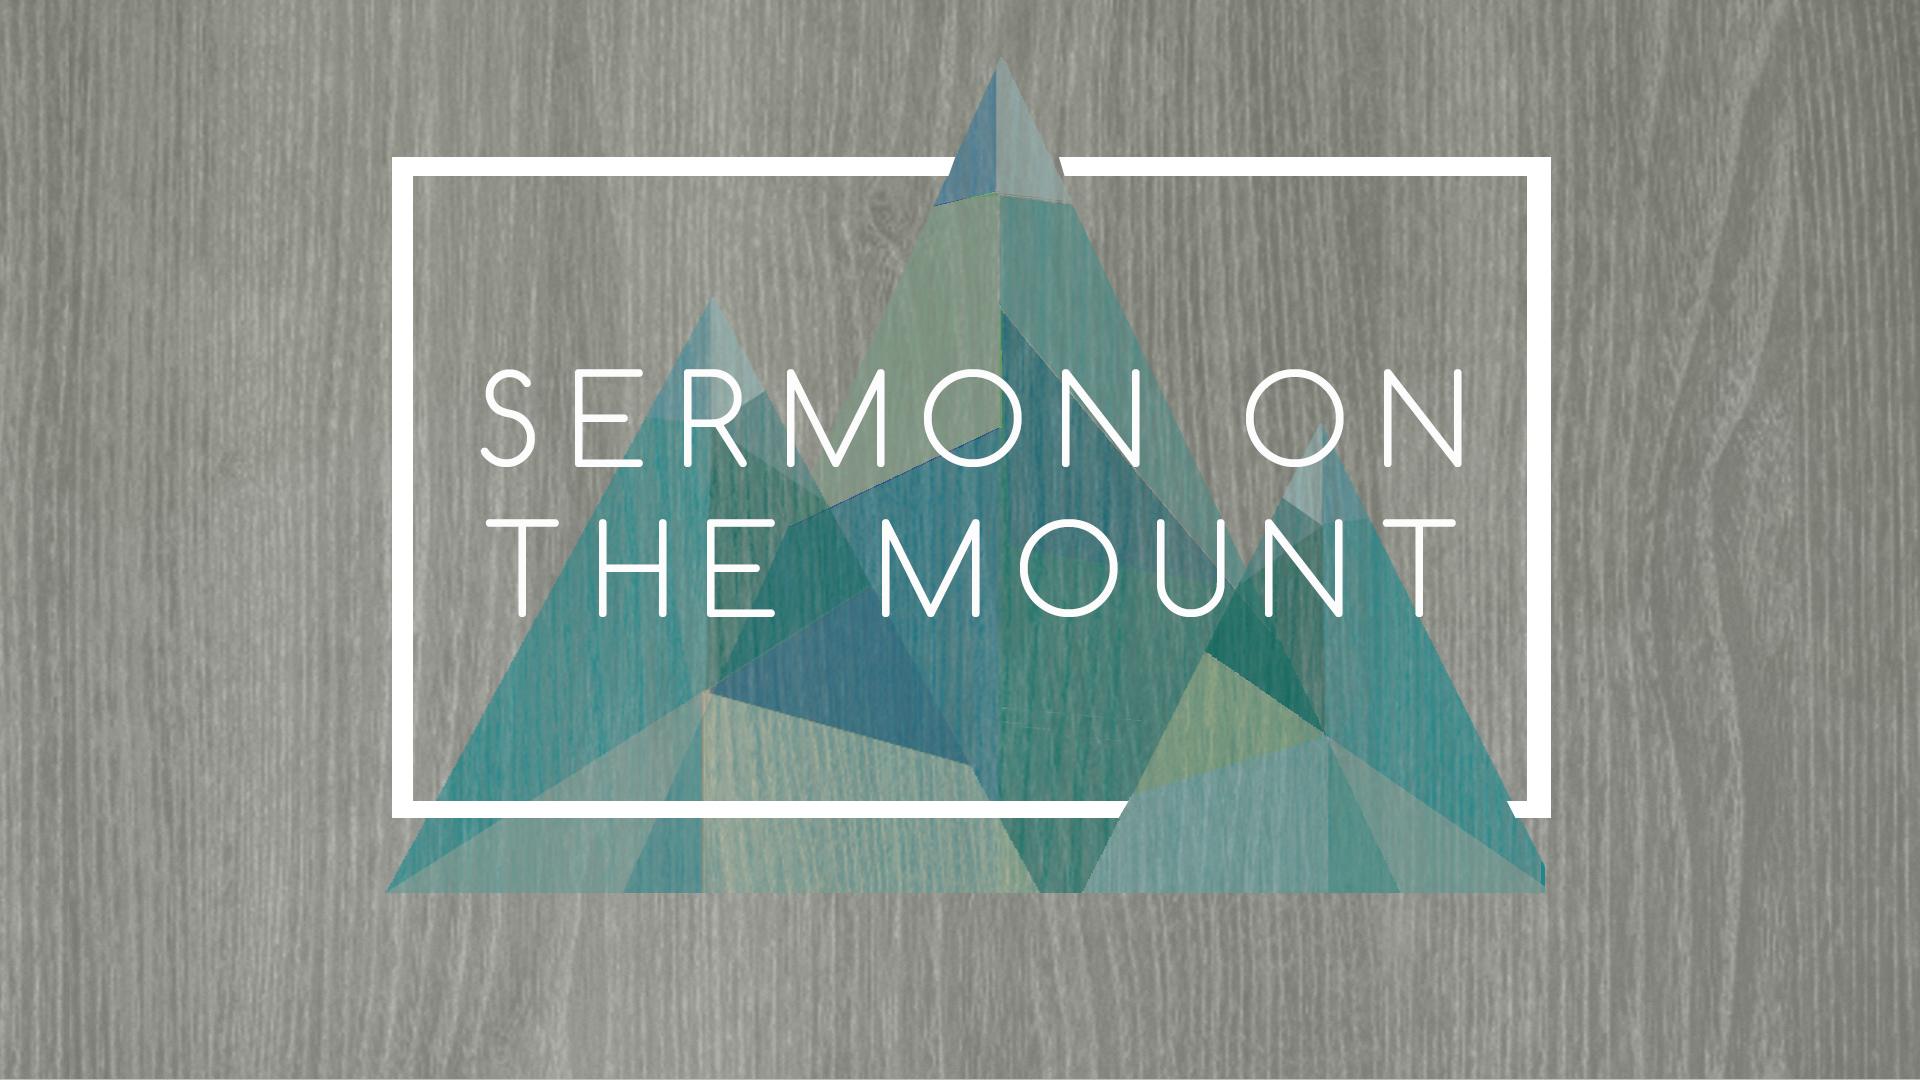 Listen to Sunday's sermon over Matthew 7:1-6.